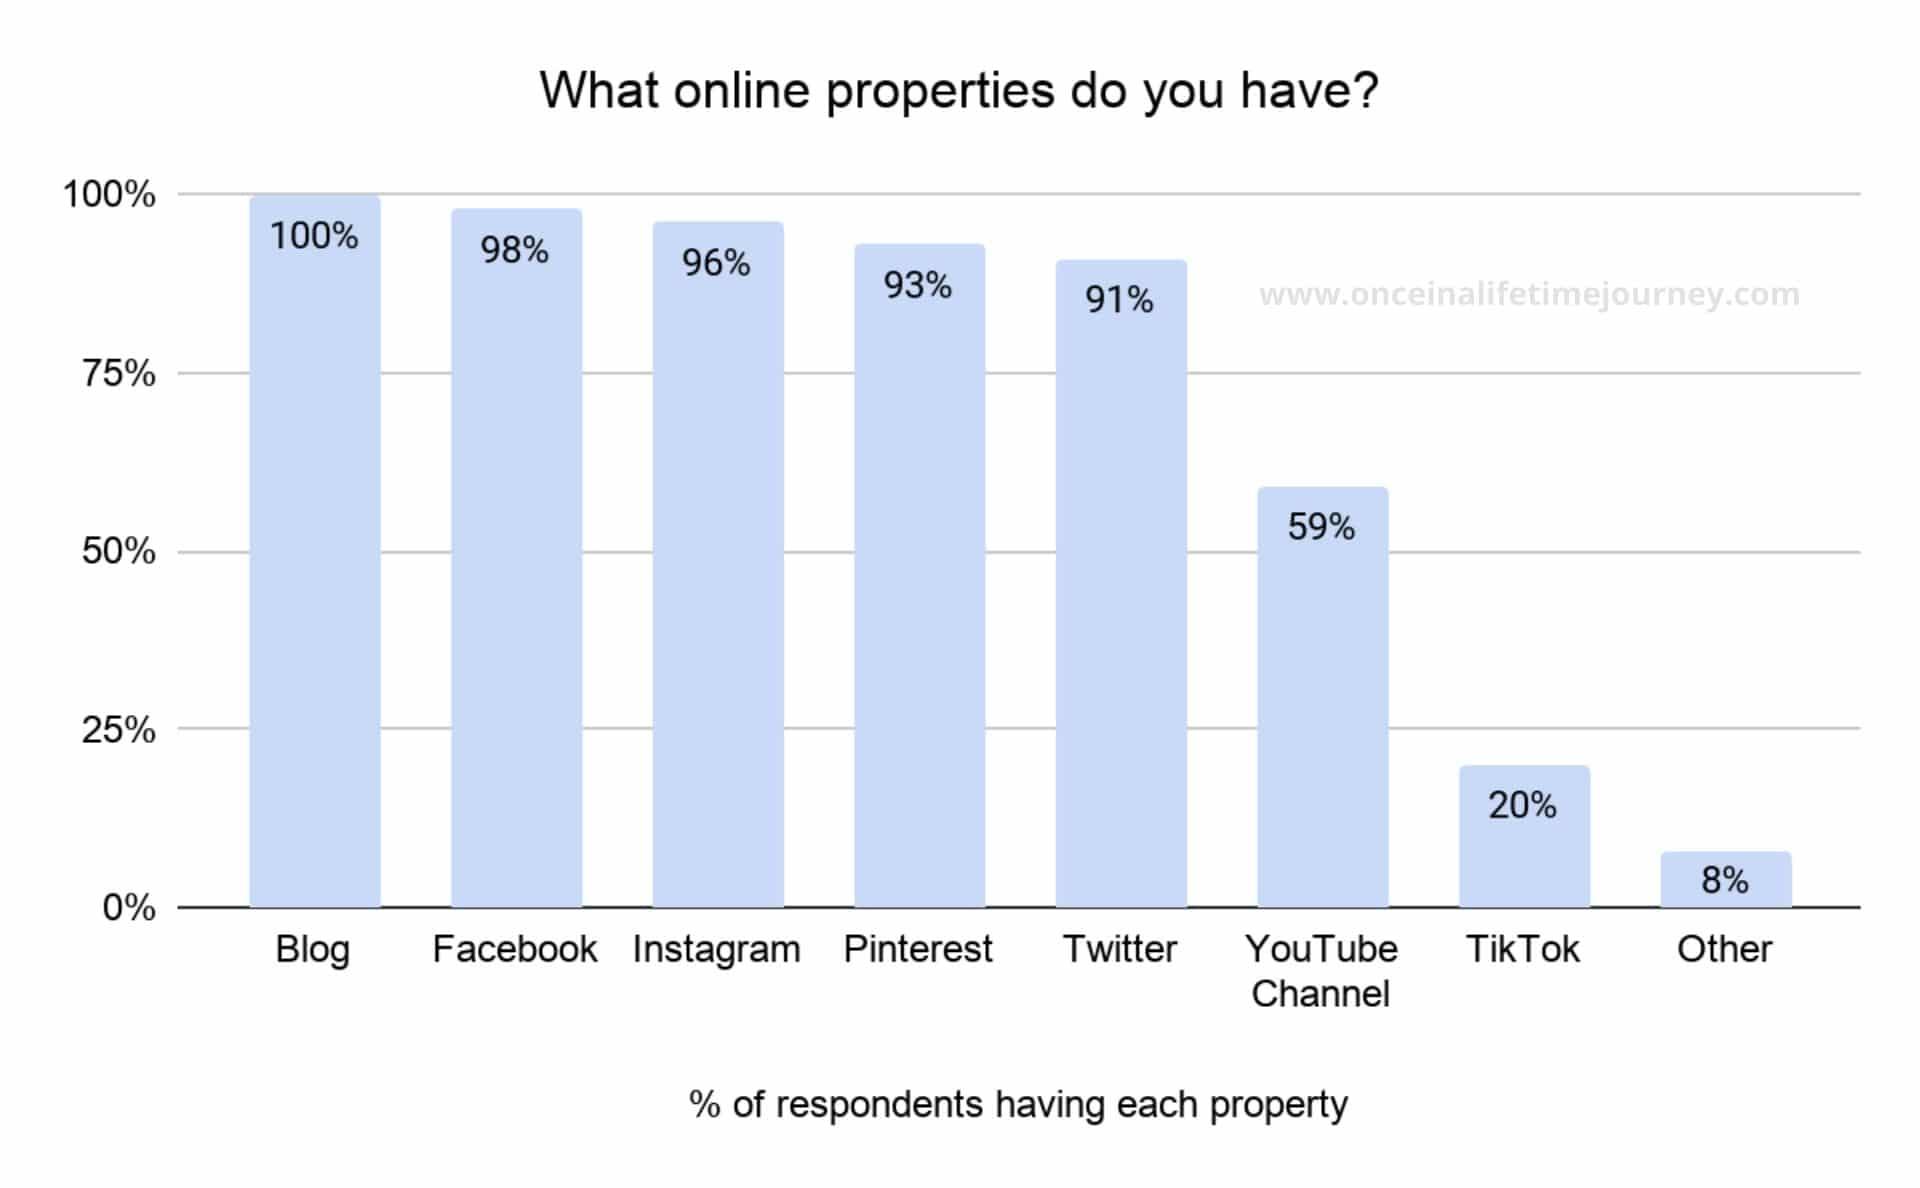 Content Creator online properties